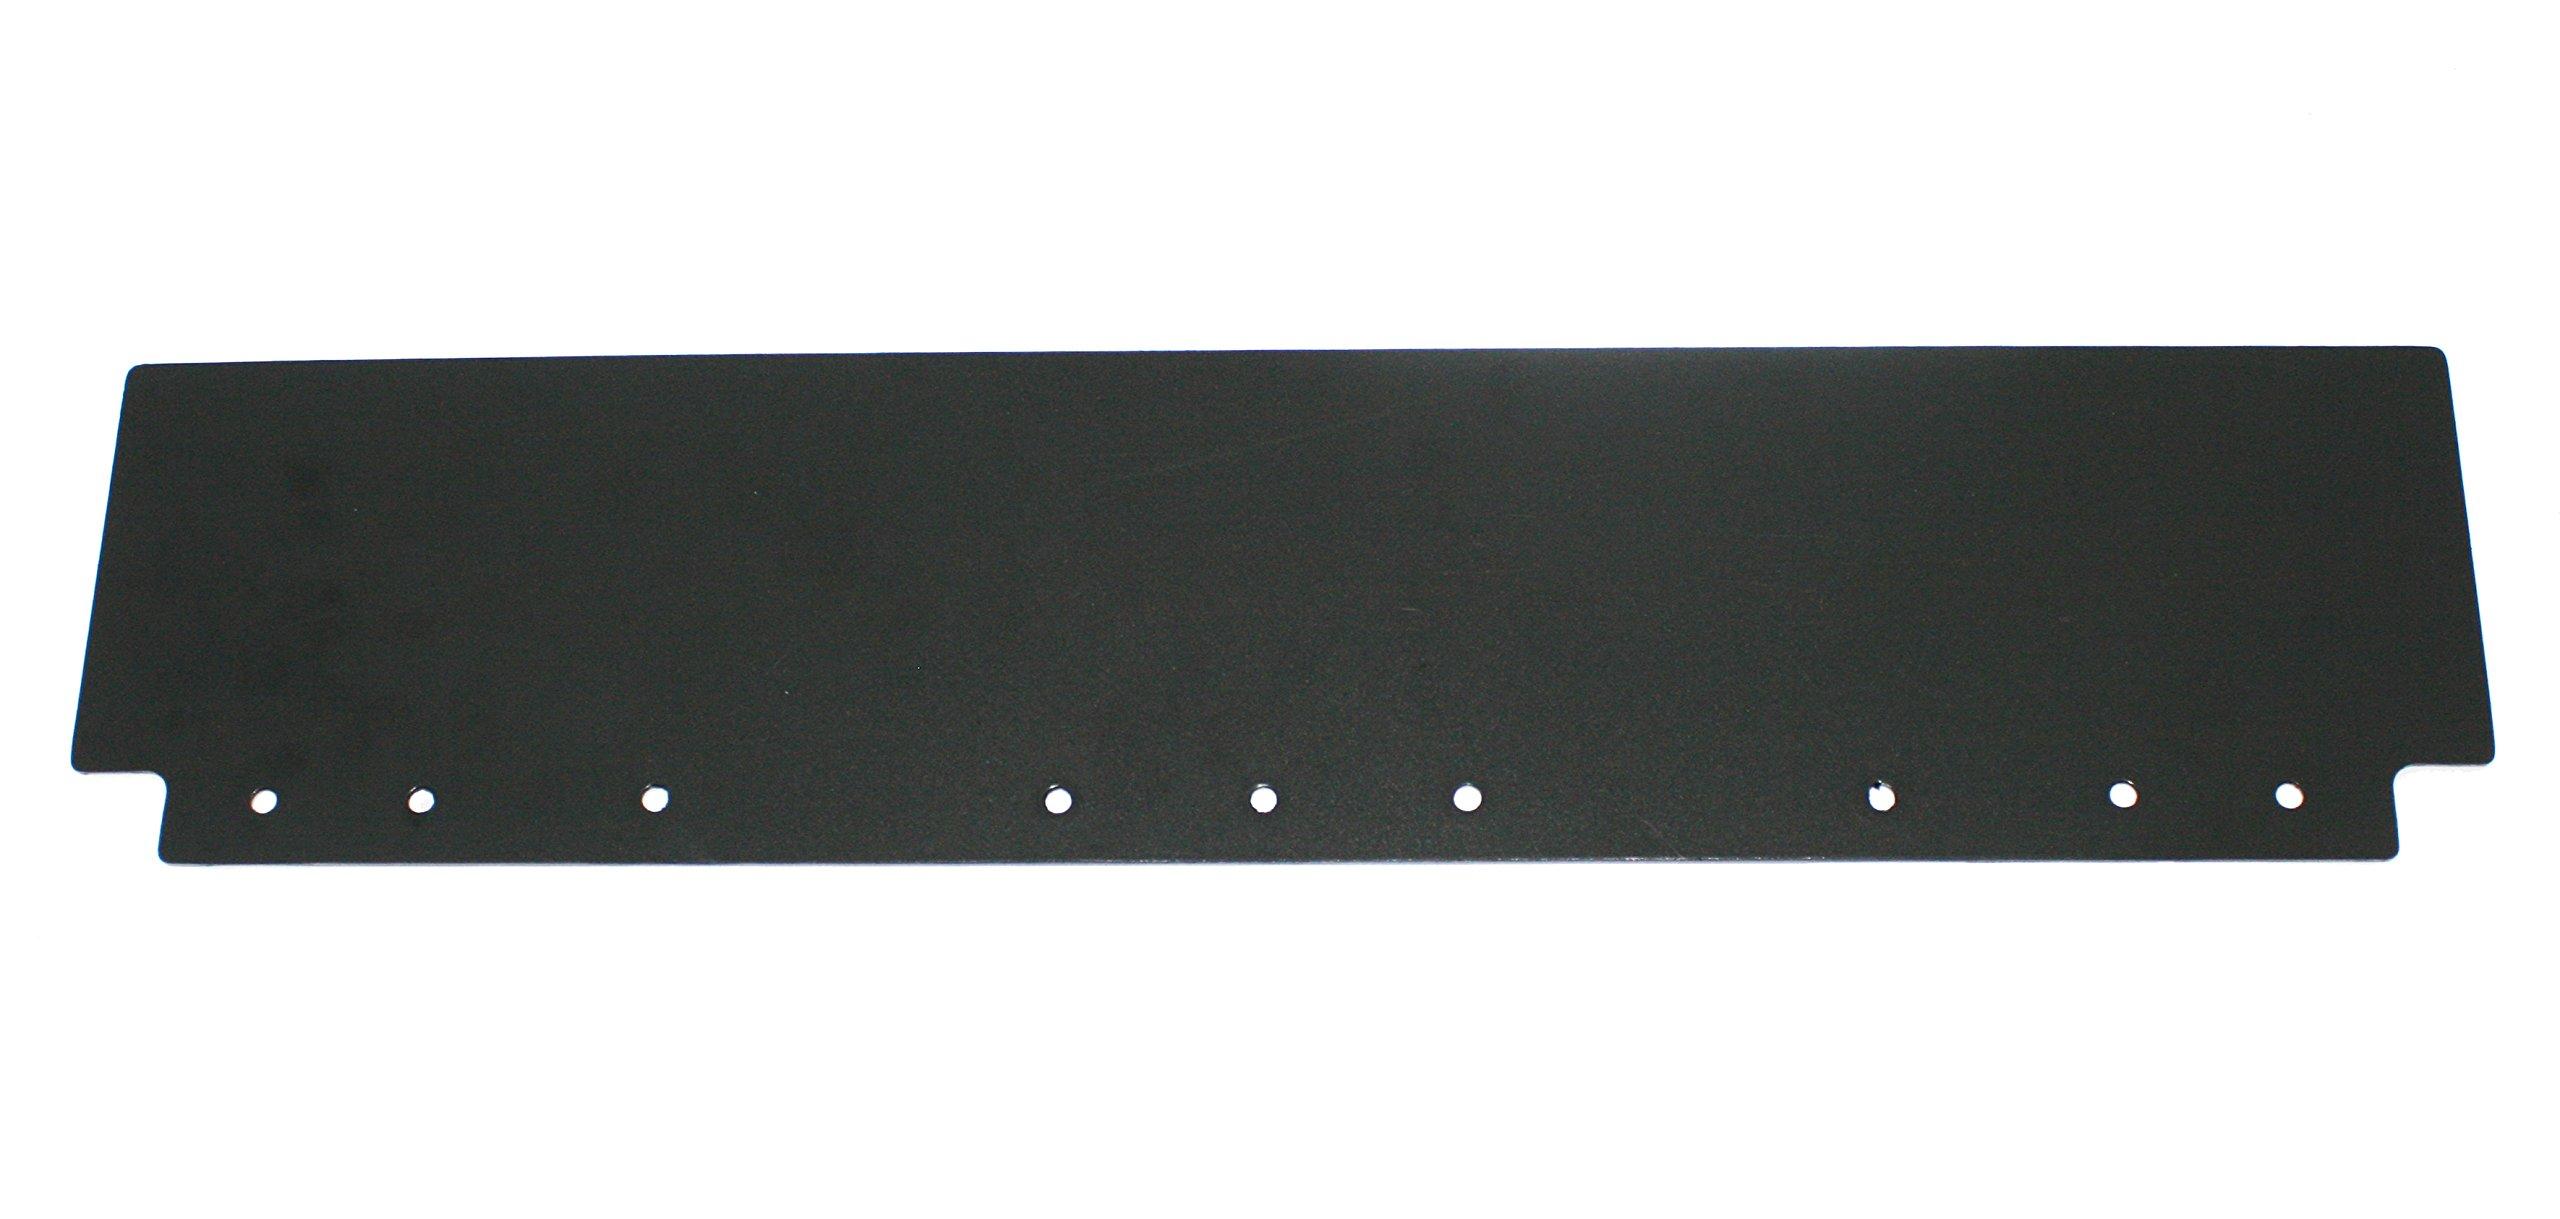 AeroPro Plain Black 6'' x 24'' Semi Truck Mud Flap-Quarter Fender Flaps